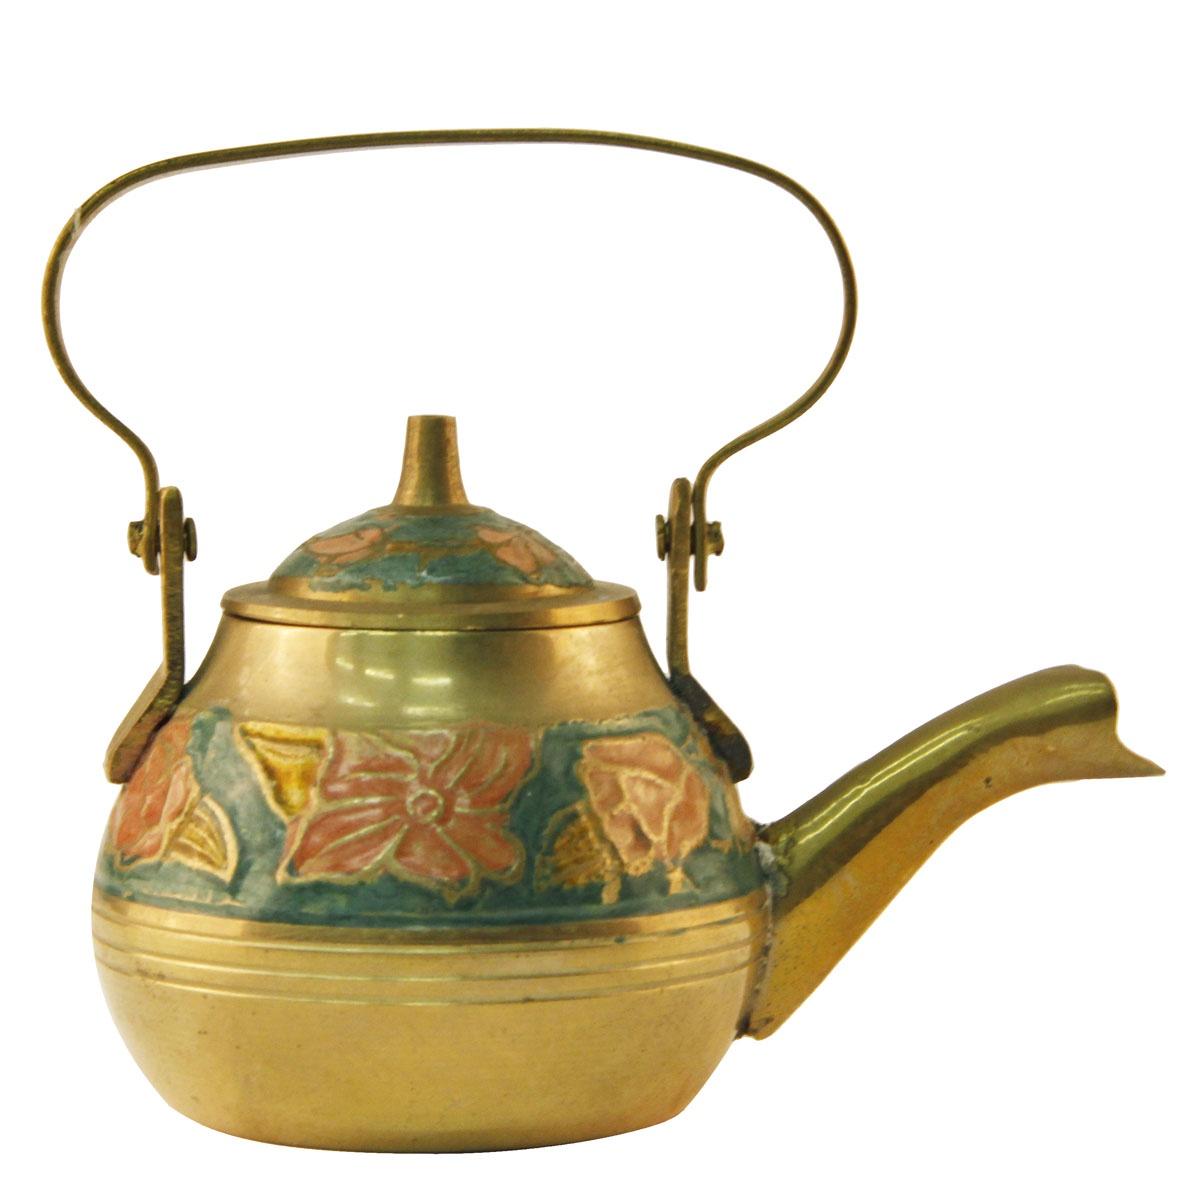 Бюст Антик Хобби Цветы, золотой, голубой, розовый полотенце томдом гарвоя бежевый